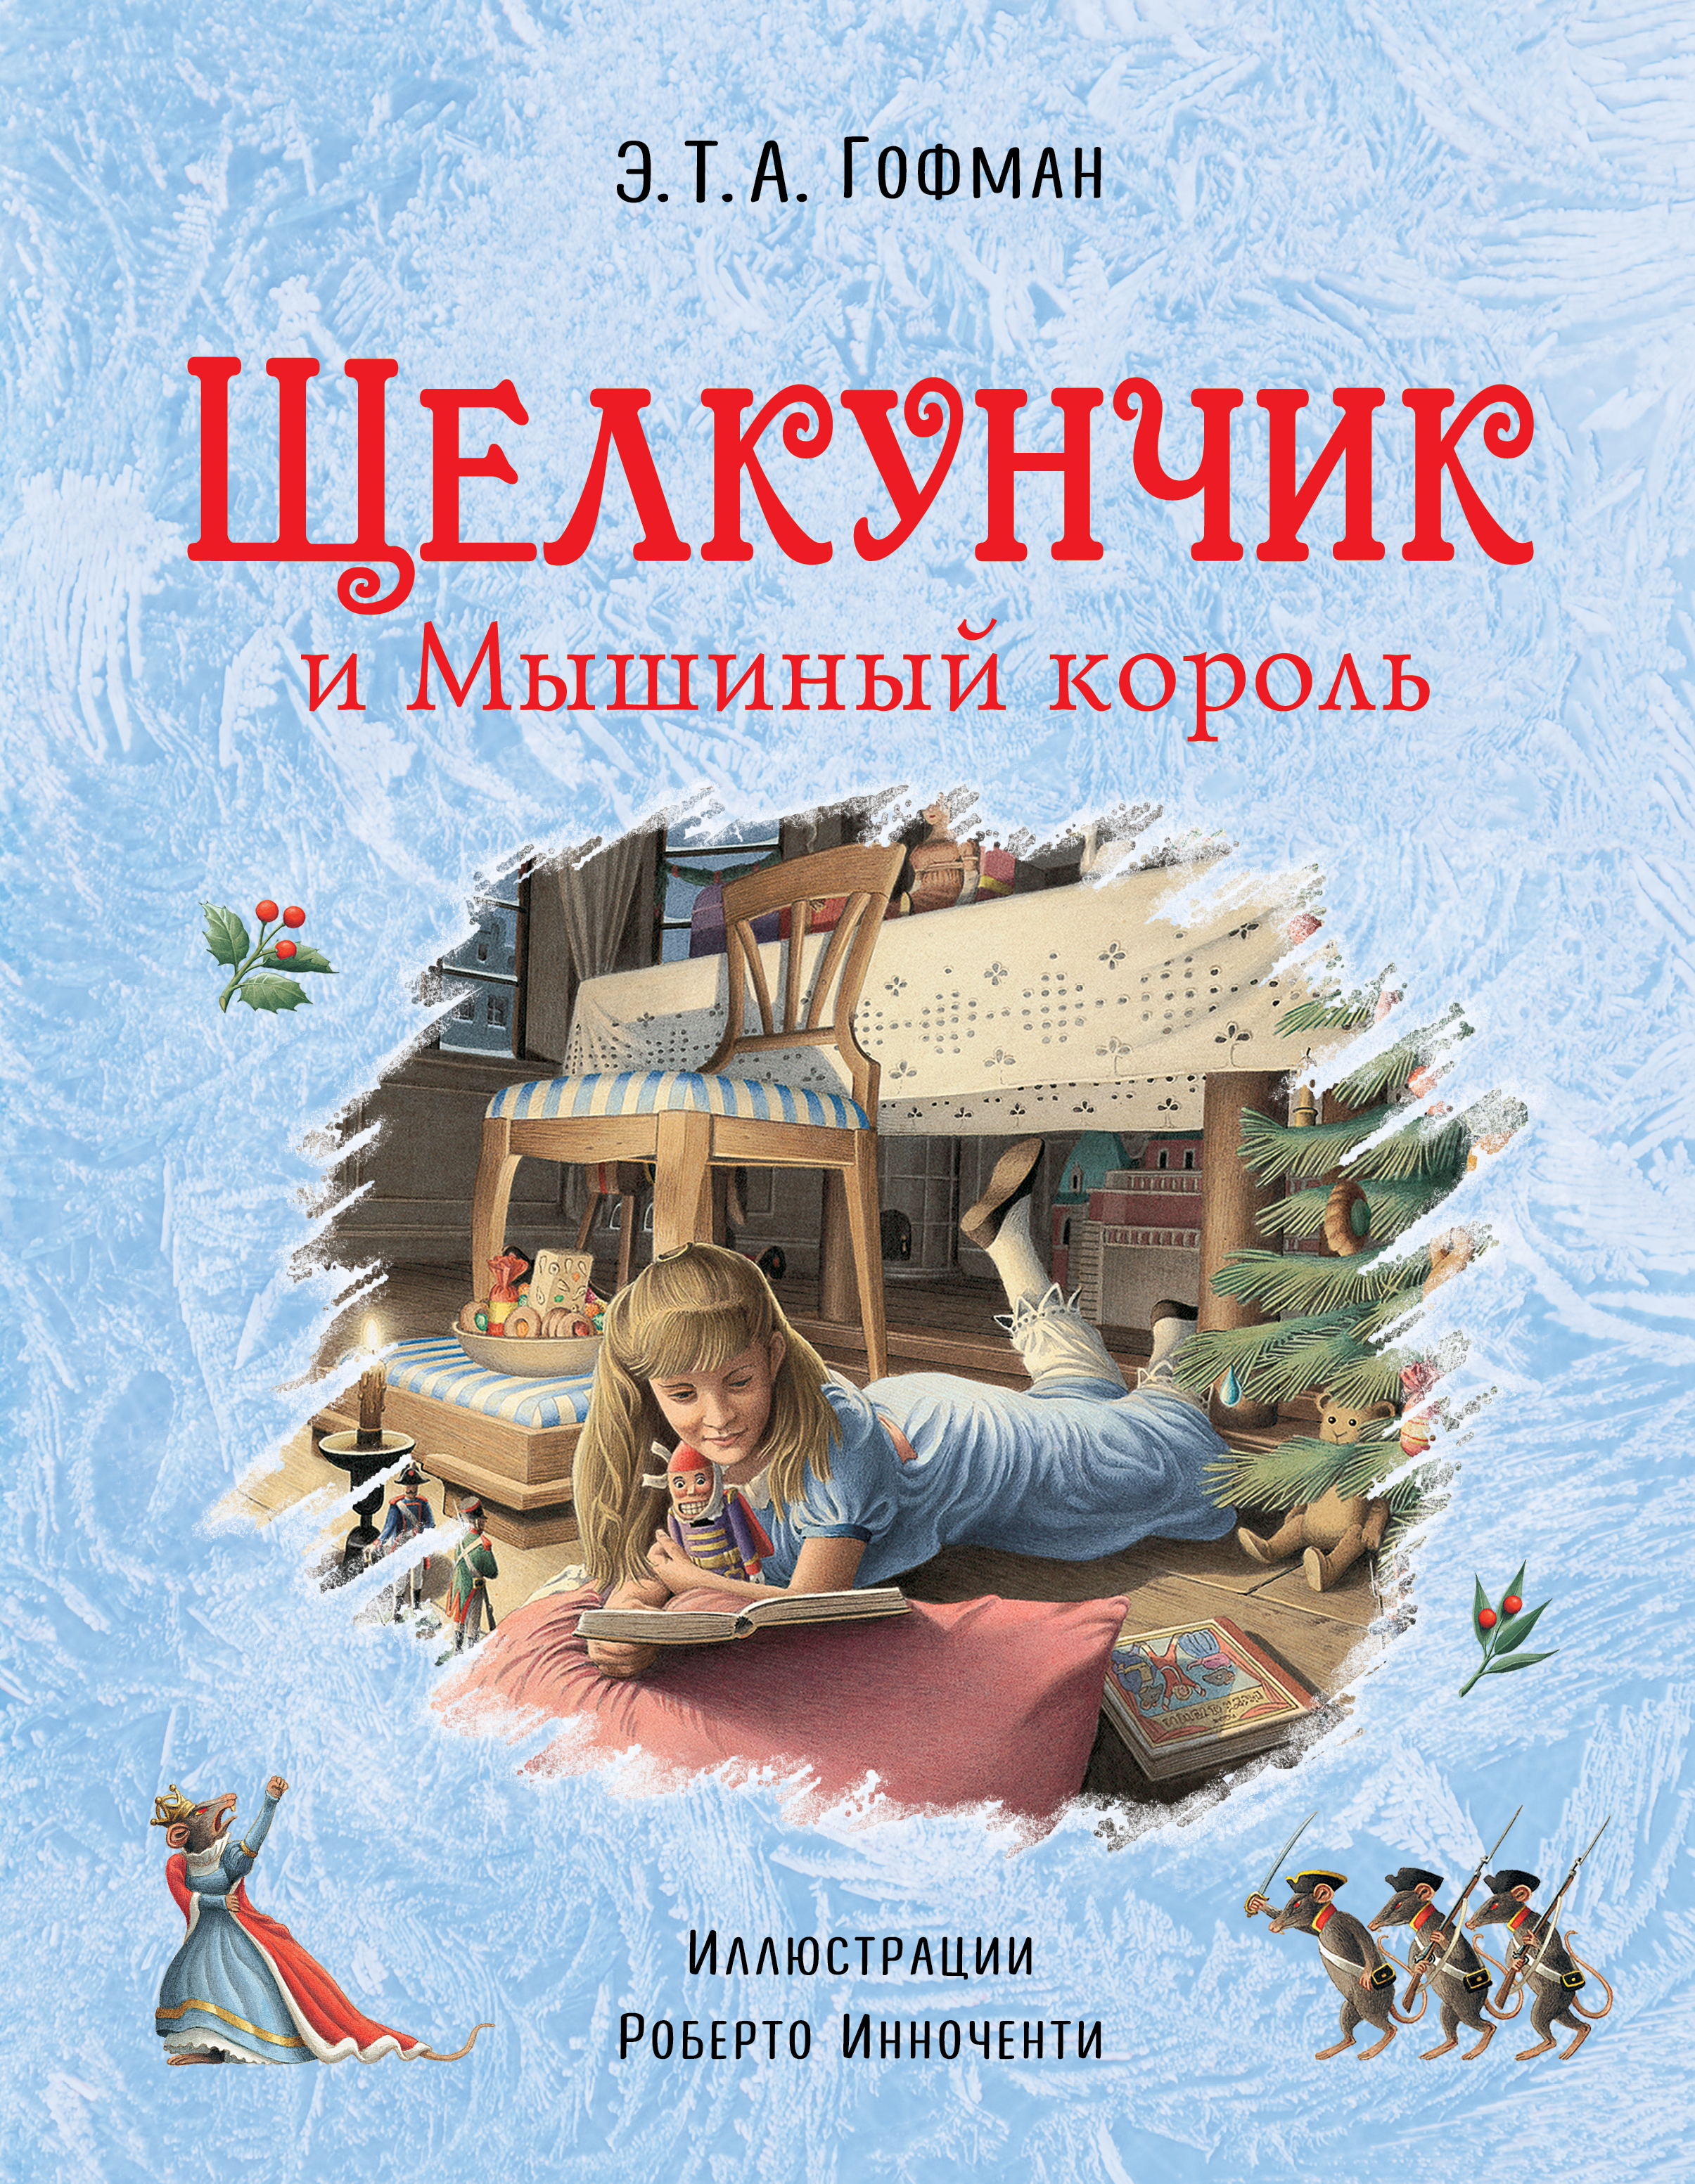 Гофман Э.Т. Щелкунчик и Мышиный король рождественская сказка